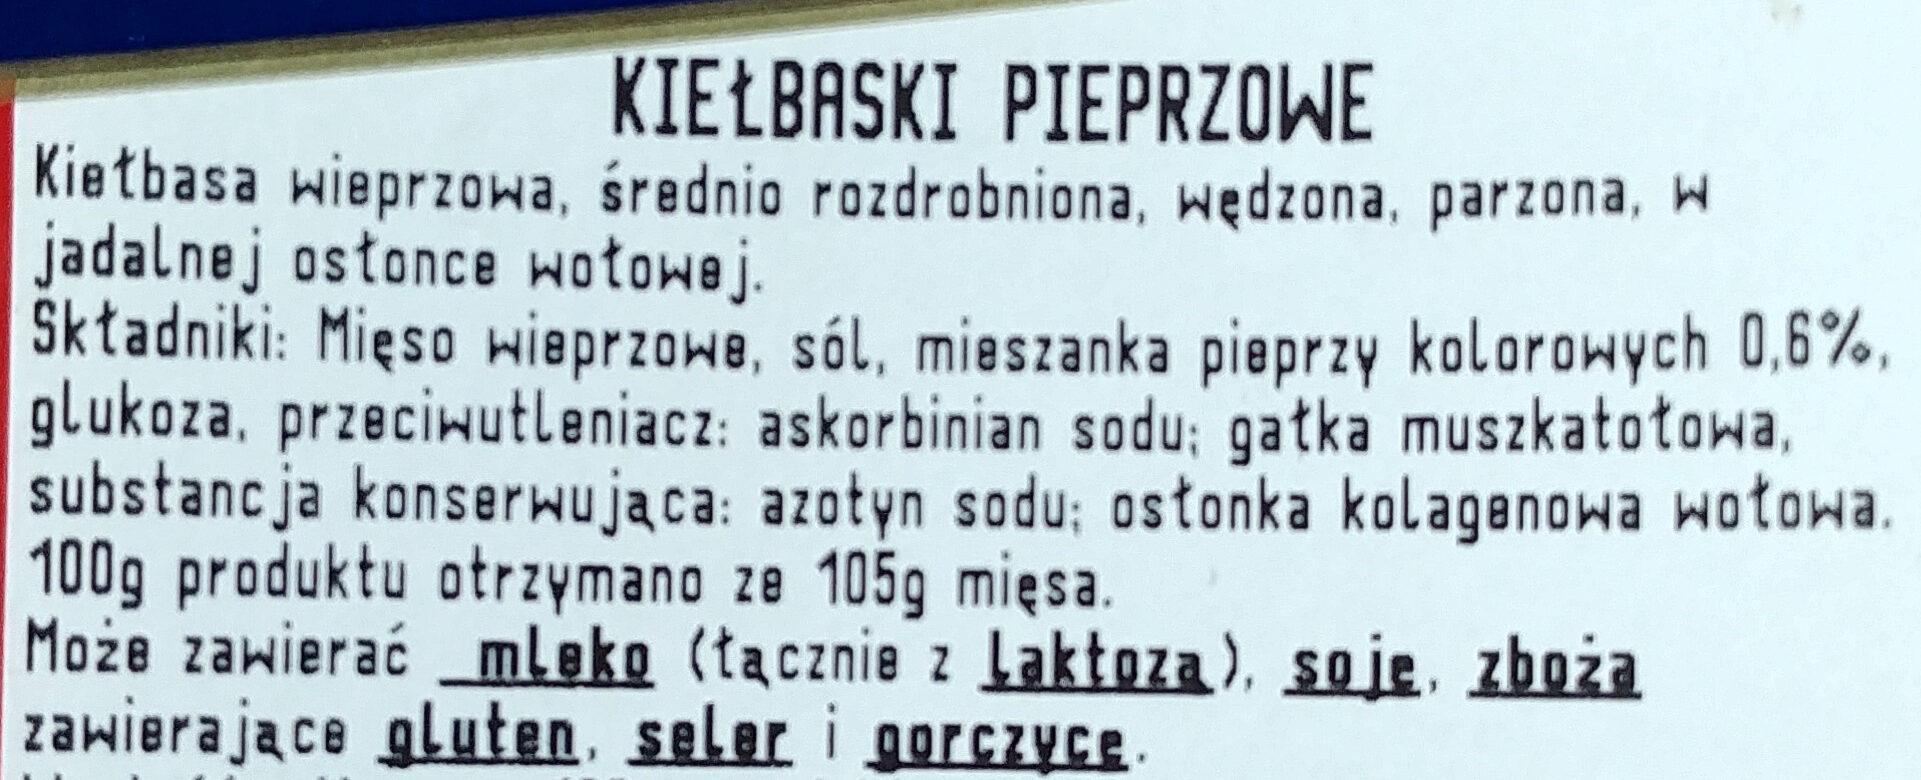 Kiełbaski pieprzowe - Składniki - pl